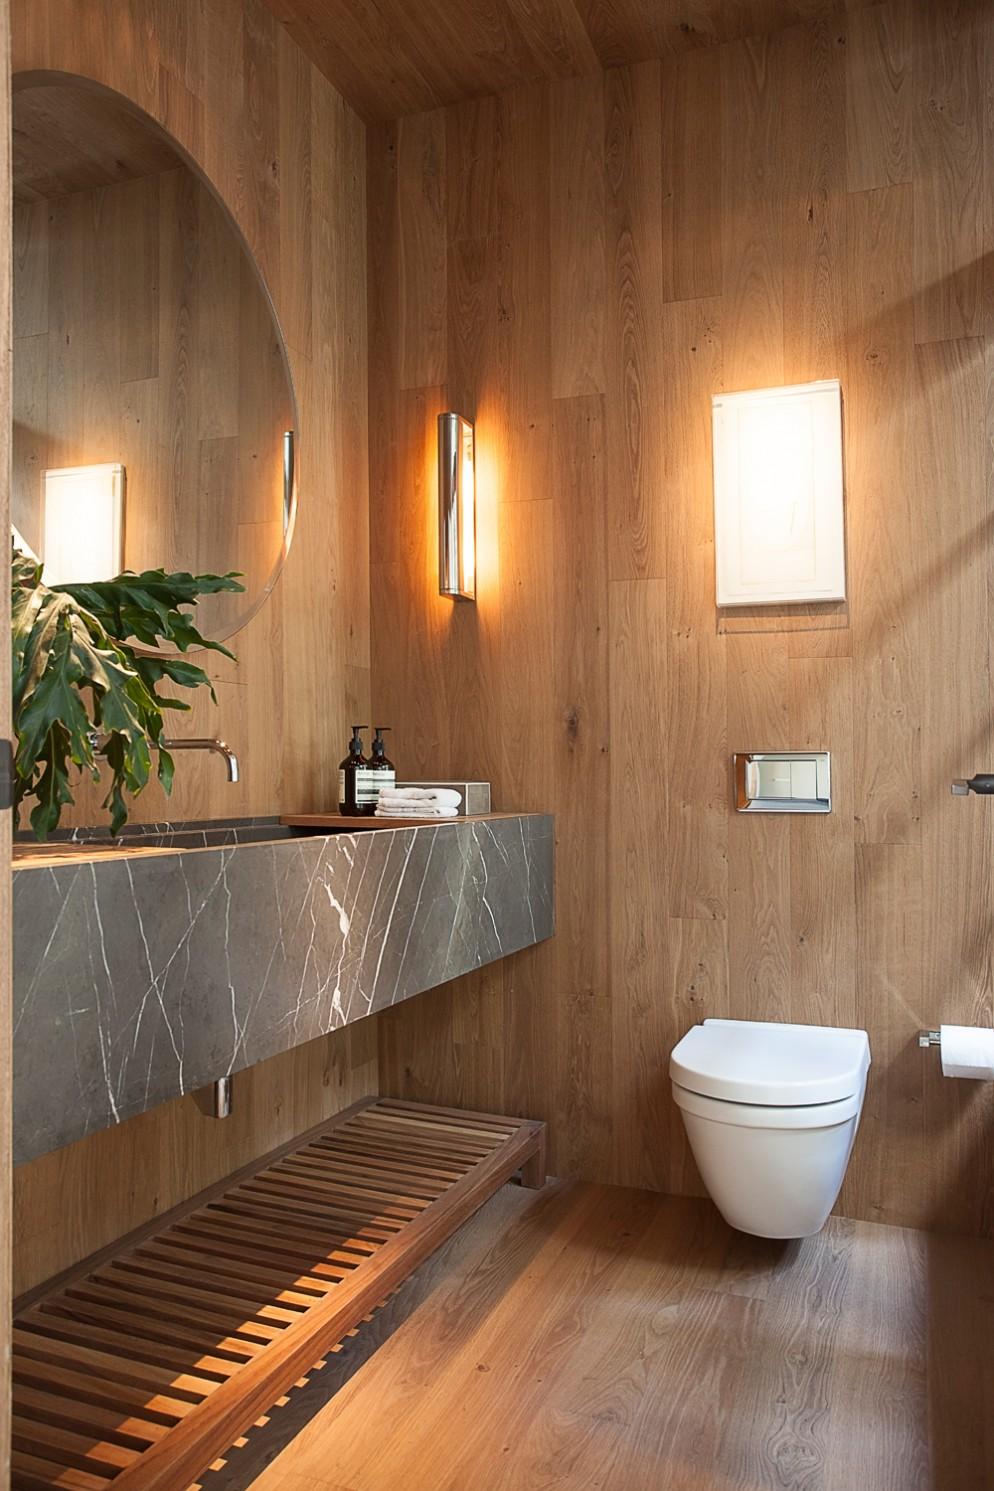 18 idee colore per la stanza da bagno - Living Corriere on Stanza Da Bagno  id=27873